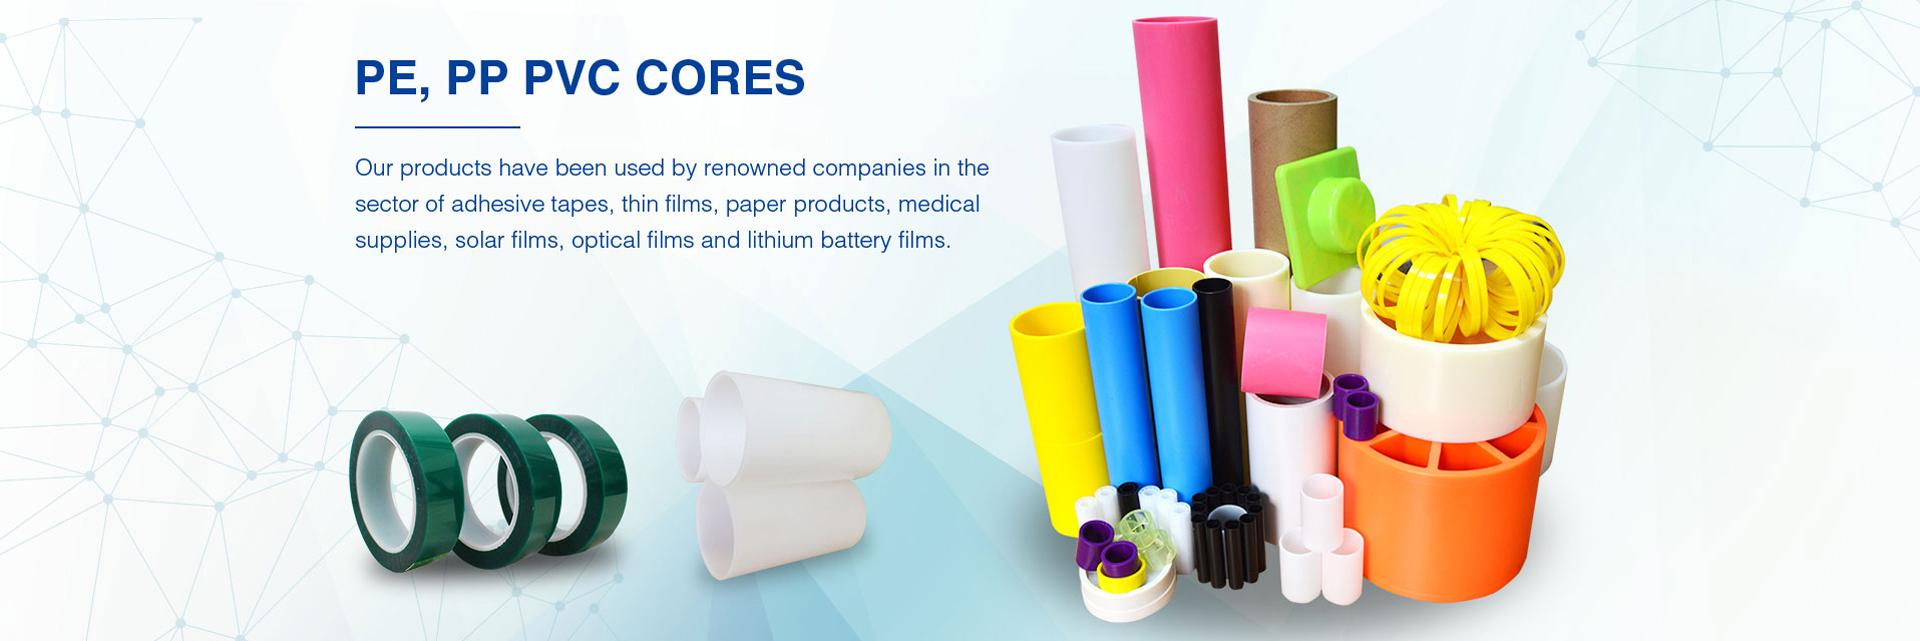 PE, PP, PVC Cores